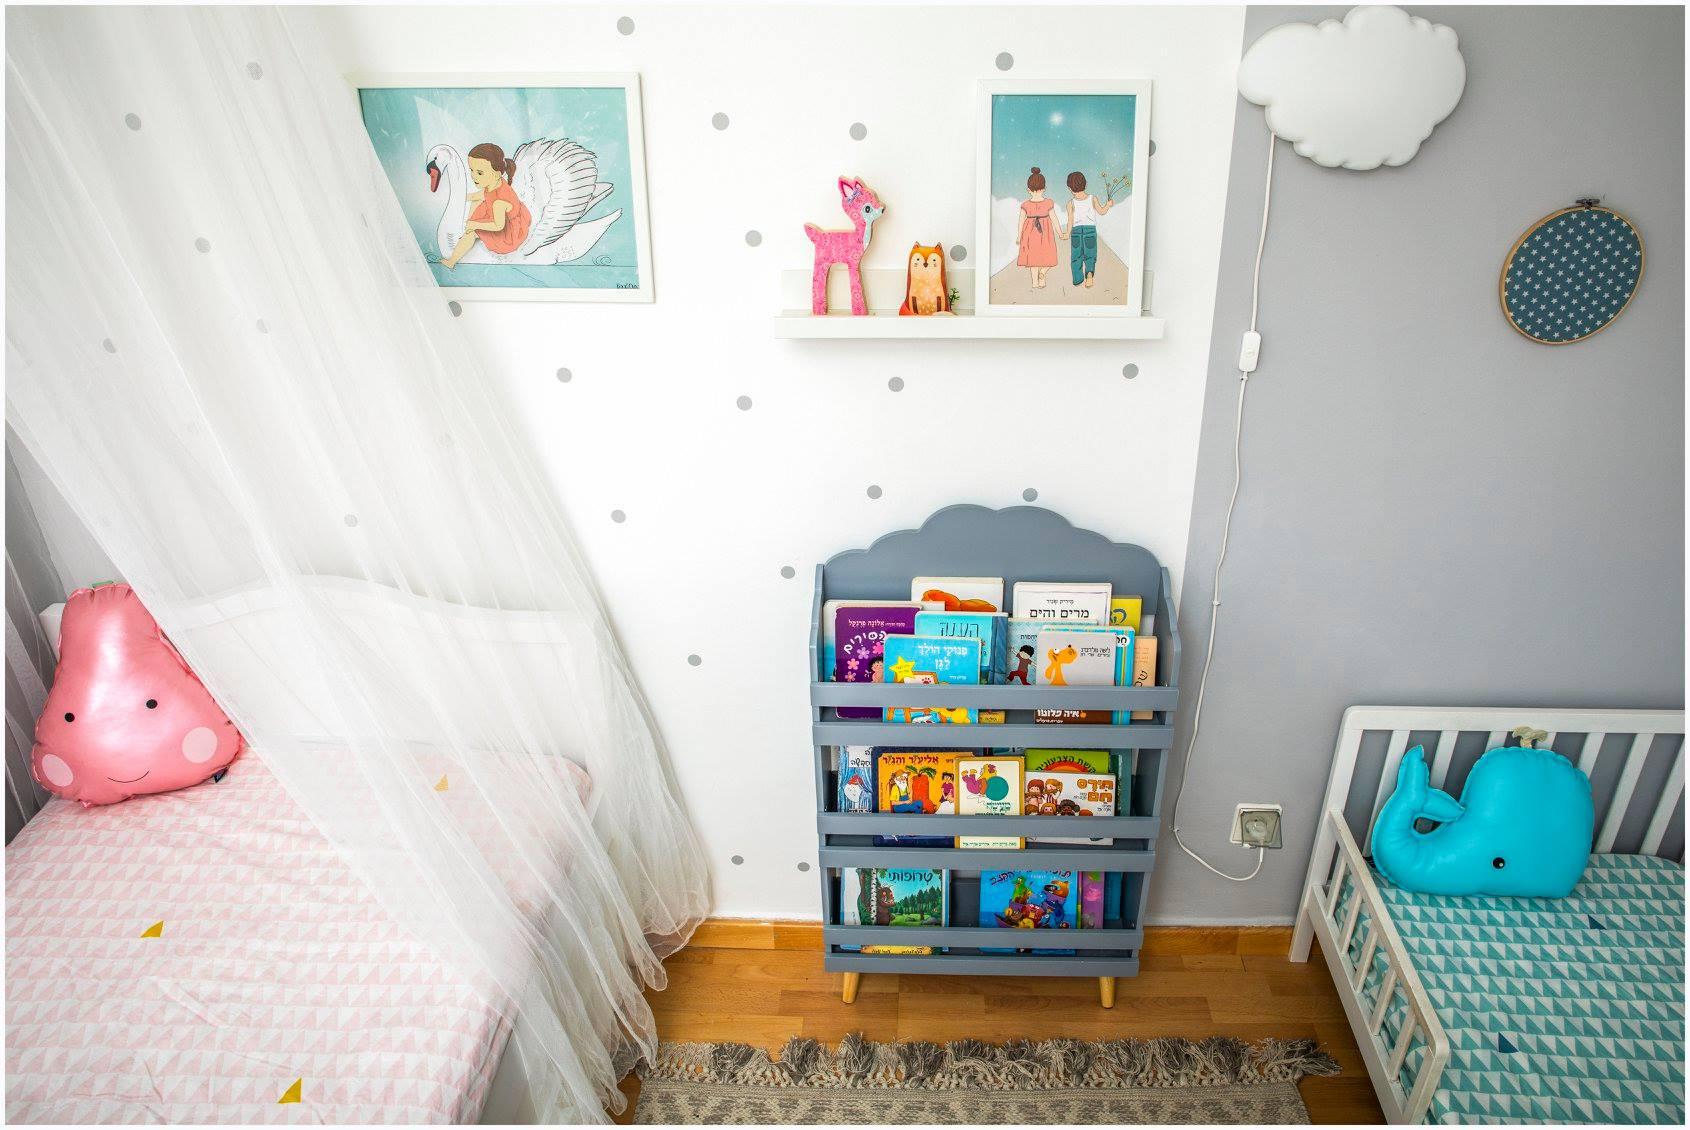 עיצוב חדר ילדים עפרי ורואי 0